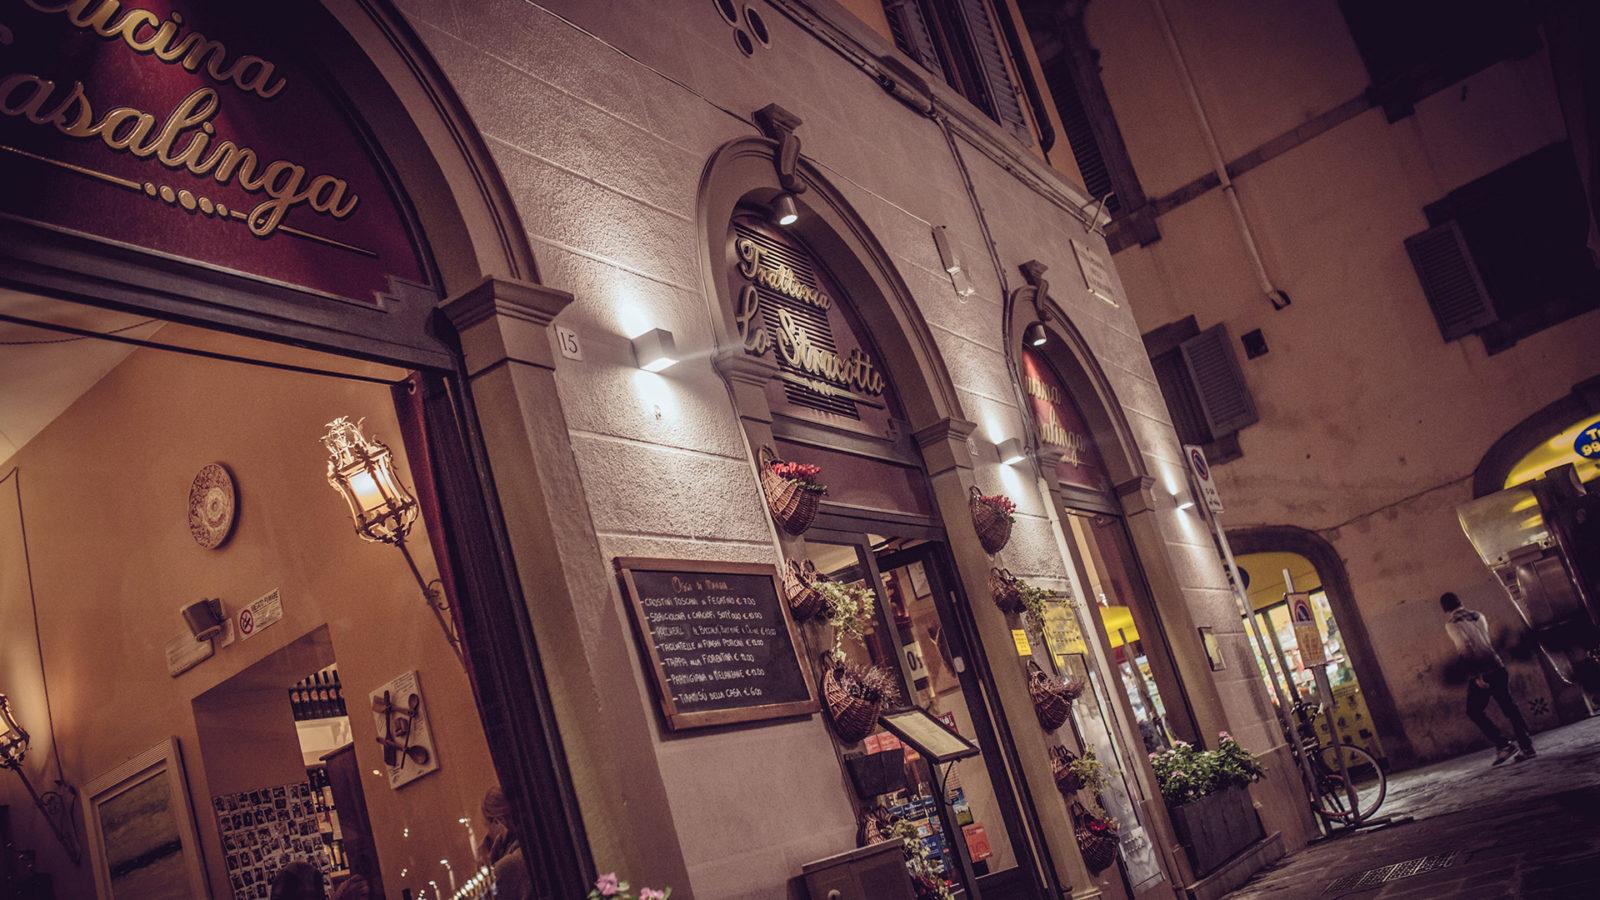 Ristorante San Lorenzo Firenze - Trattoria Firenze Centro – Lo Stracotto